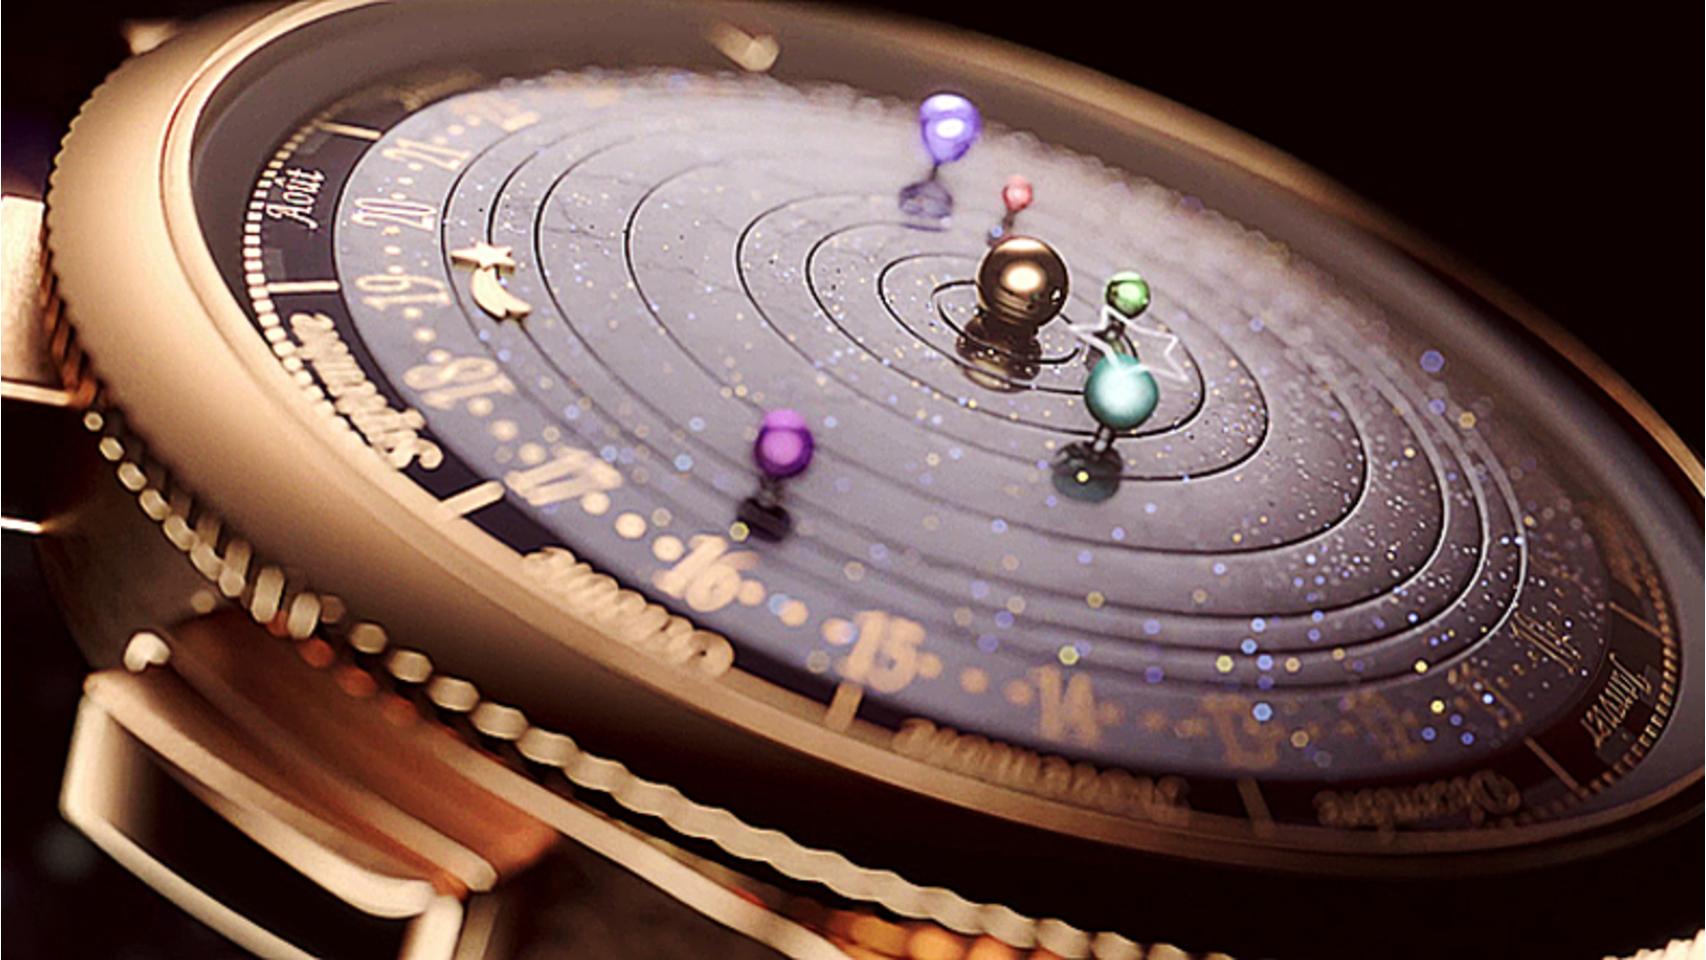 Planetario Poético de Van Cleef & Arpels con elementos astrológicos. Contiene seis discos giratorios, representando los seis planetas visibles desde la Tierra.